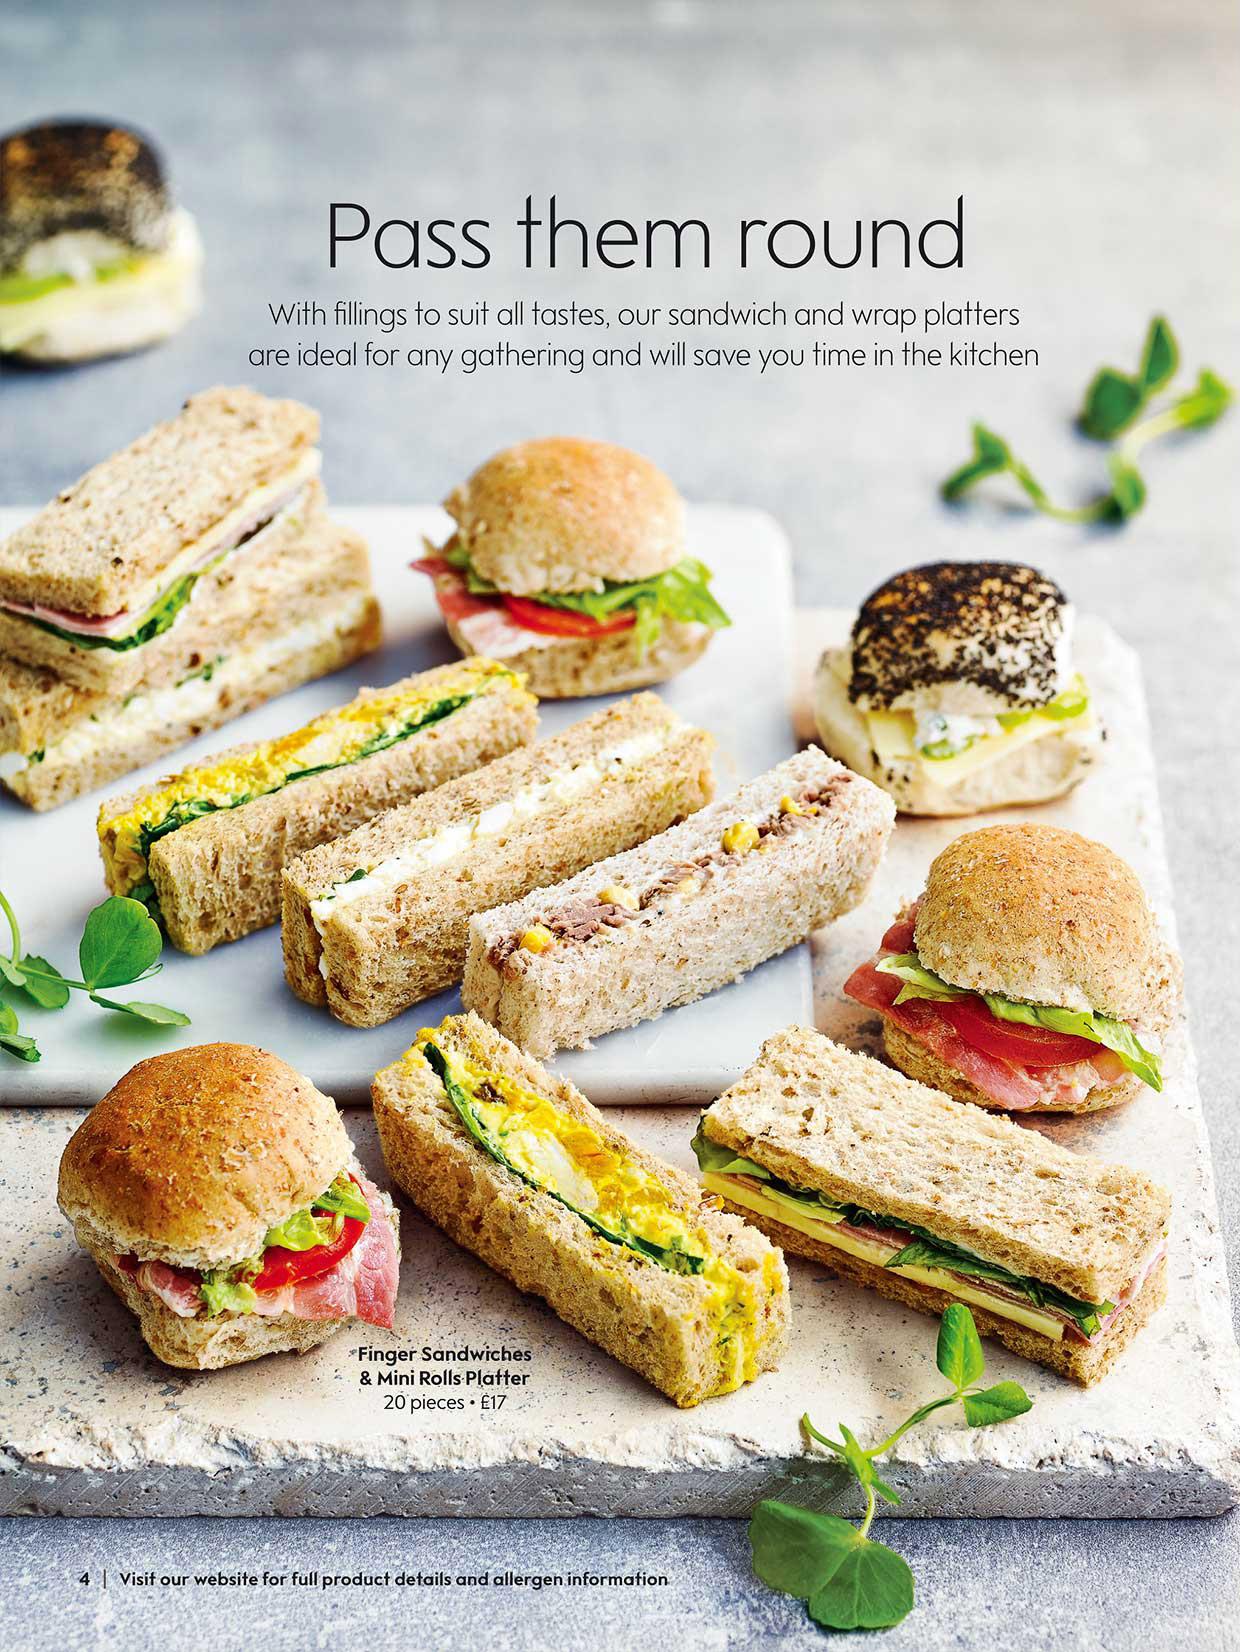 SandwichesMeatSelection.jpg